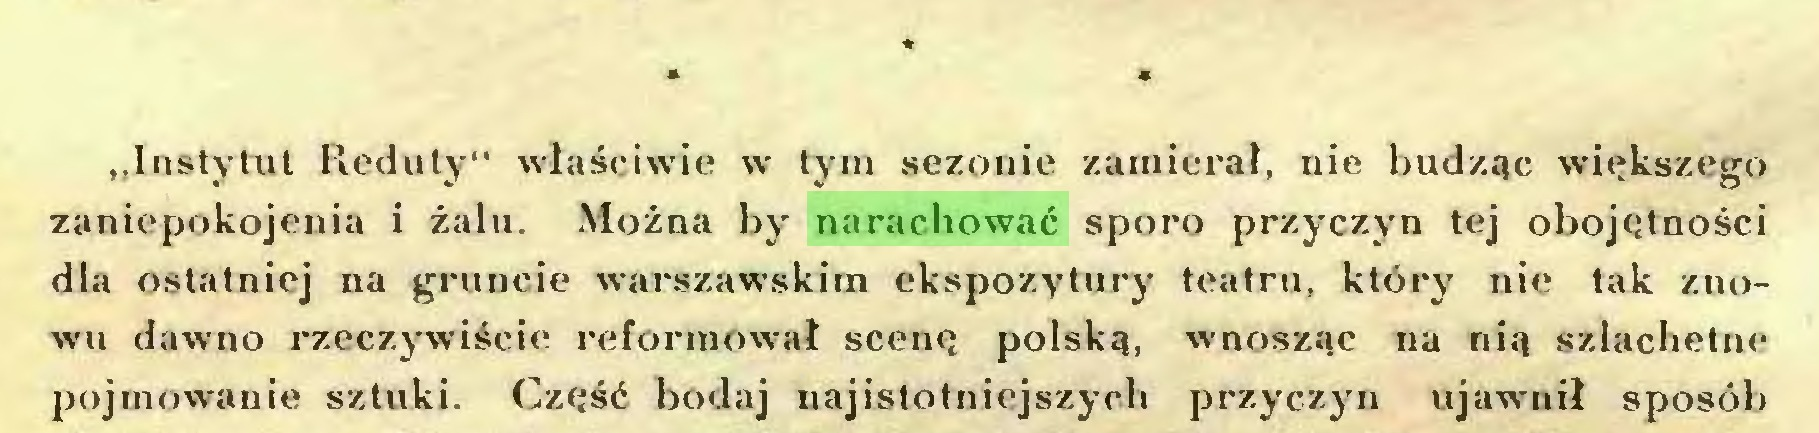 """(...) * * * """"Instytut Reduty"""" właściwie w tym sezonie zamierał, nie budząc większego zaniepokojenia i żabi. Można by narachować sporo przyczyn tej obojętności dla ostatniej na gruncie warszawskim ekspozytury teatru, który nie tak znowu dawno rzeczywiście reformował scenę polską, wnosząc na nią szlachetne pojmowanie sztuki. Część bodaj najistotniejszych przyczyn ujawnił sposób..."""